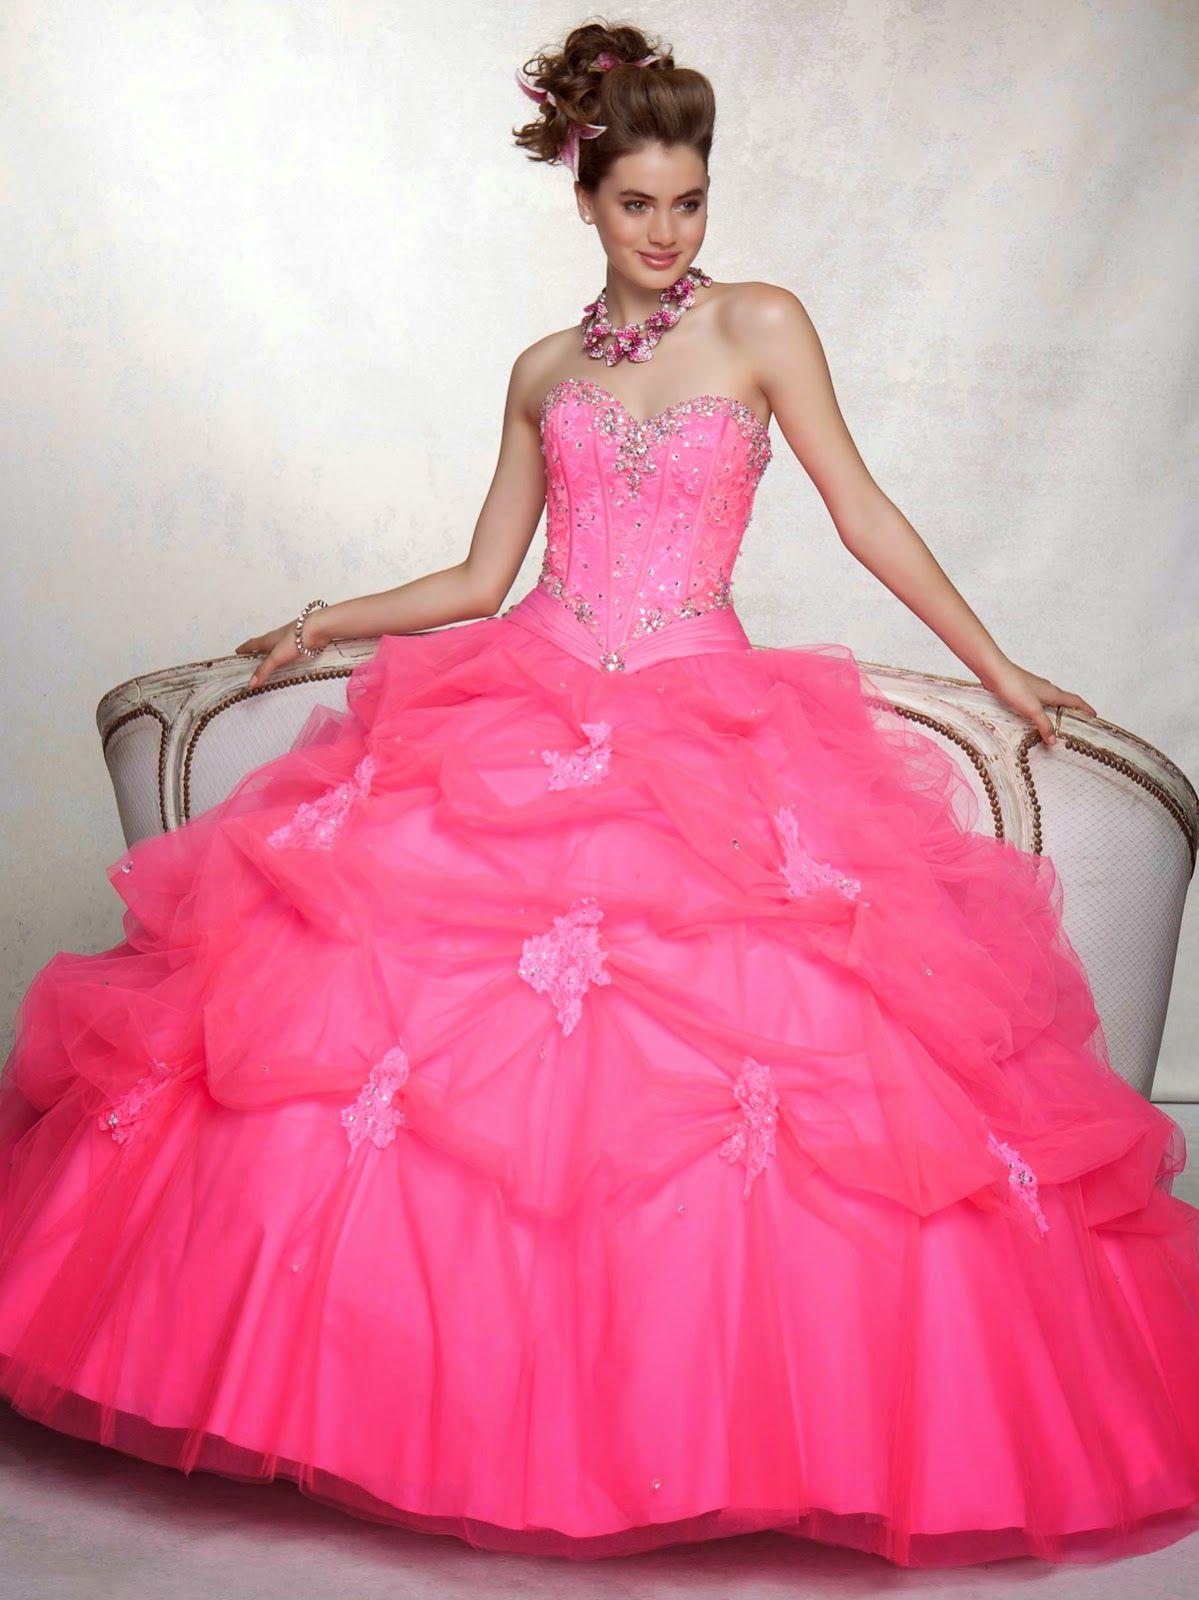 Exclusivos vestidos de 15 años | Colección fiesta | Vestidos de xv ...